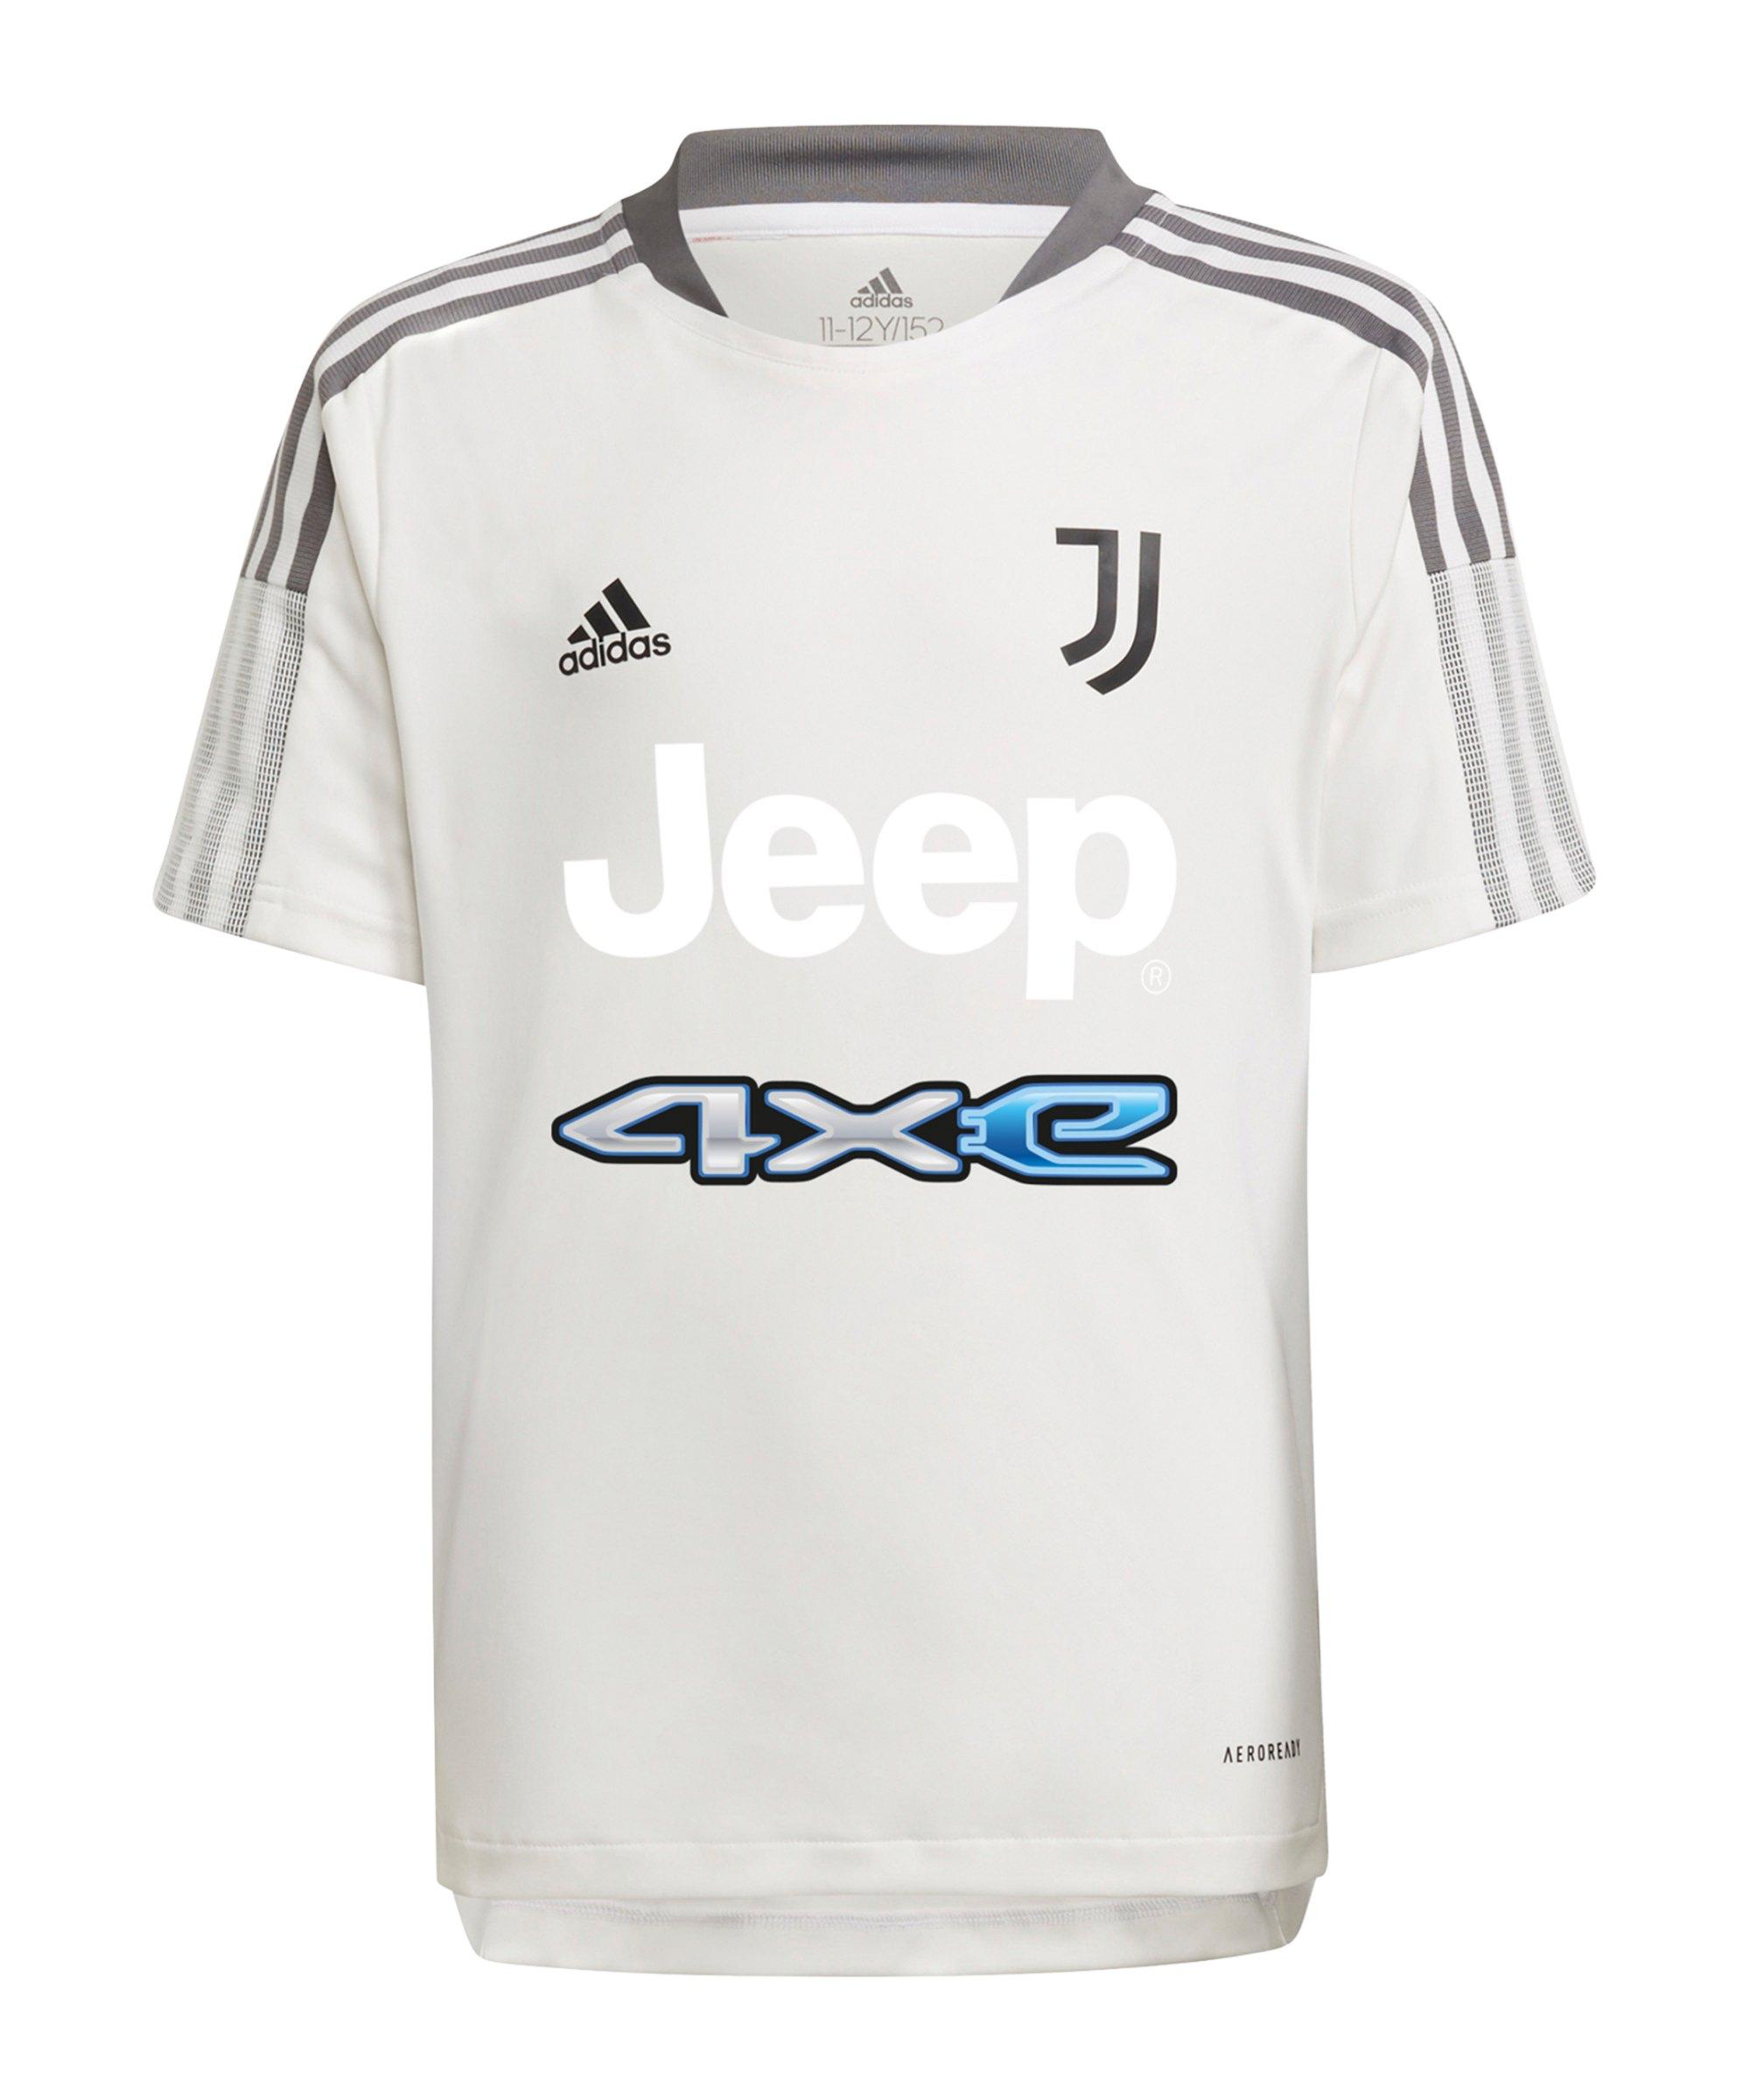 adidas Juventus Turin Trainingsshirt Kids Weiss - weiss